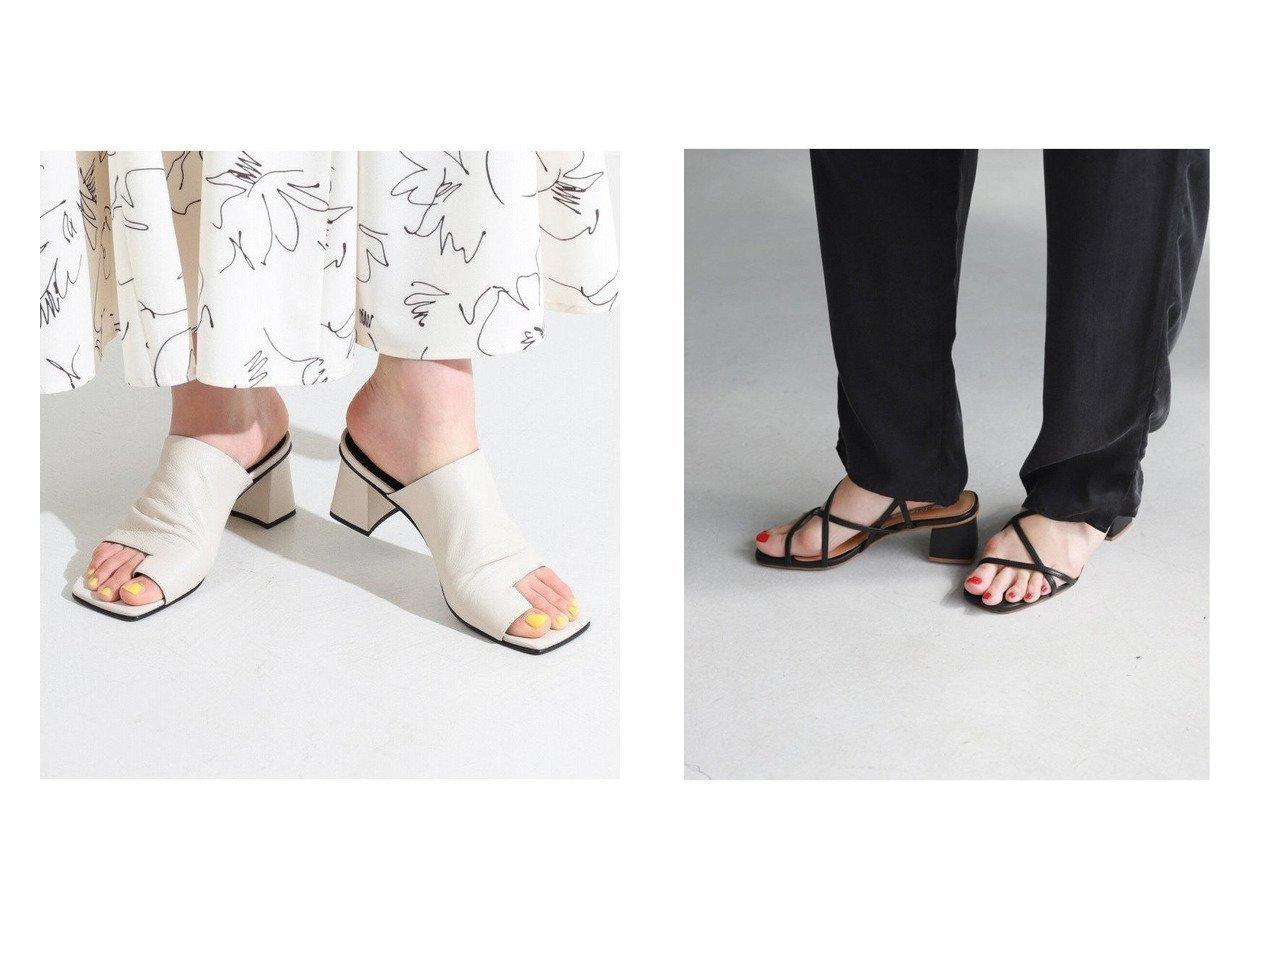 【Ray BEAMS/レイ ビームス】のヒール サンダル&【SLOBE IENA/スローブ イエナ】のSLOBE IENA スクエアヒールサンダル 【シューズ・靴】おすすめ!人気、トレンド・レディースファッションの通販 おすすめで人気の流行・トレンド、ファッションの通販商品 インテリア・家具・メンズファッション・キッズファッション・レディースファッション・服の通販 founy(ファニー) https://founy.com/ ファッション Fashion レディースファッション WOMEN サンダル シューズ トレンド フェミニン ミュール ラップ 2021年 2021 S/S・春夏 SS・Spring/Summer 2021春夏・S/S SS/Spring/Summer/2021 イタリア スタイリッシュ  ID:crp329100000045157